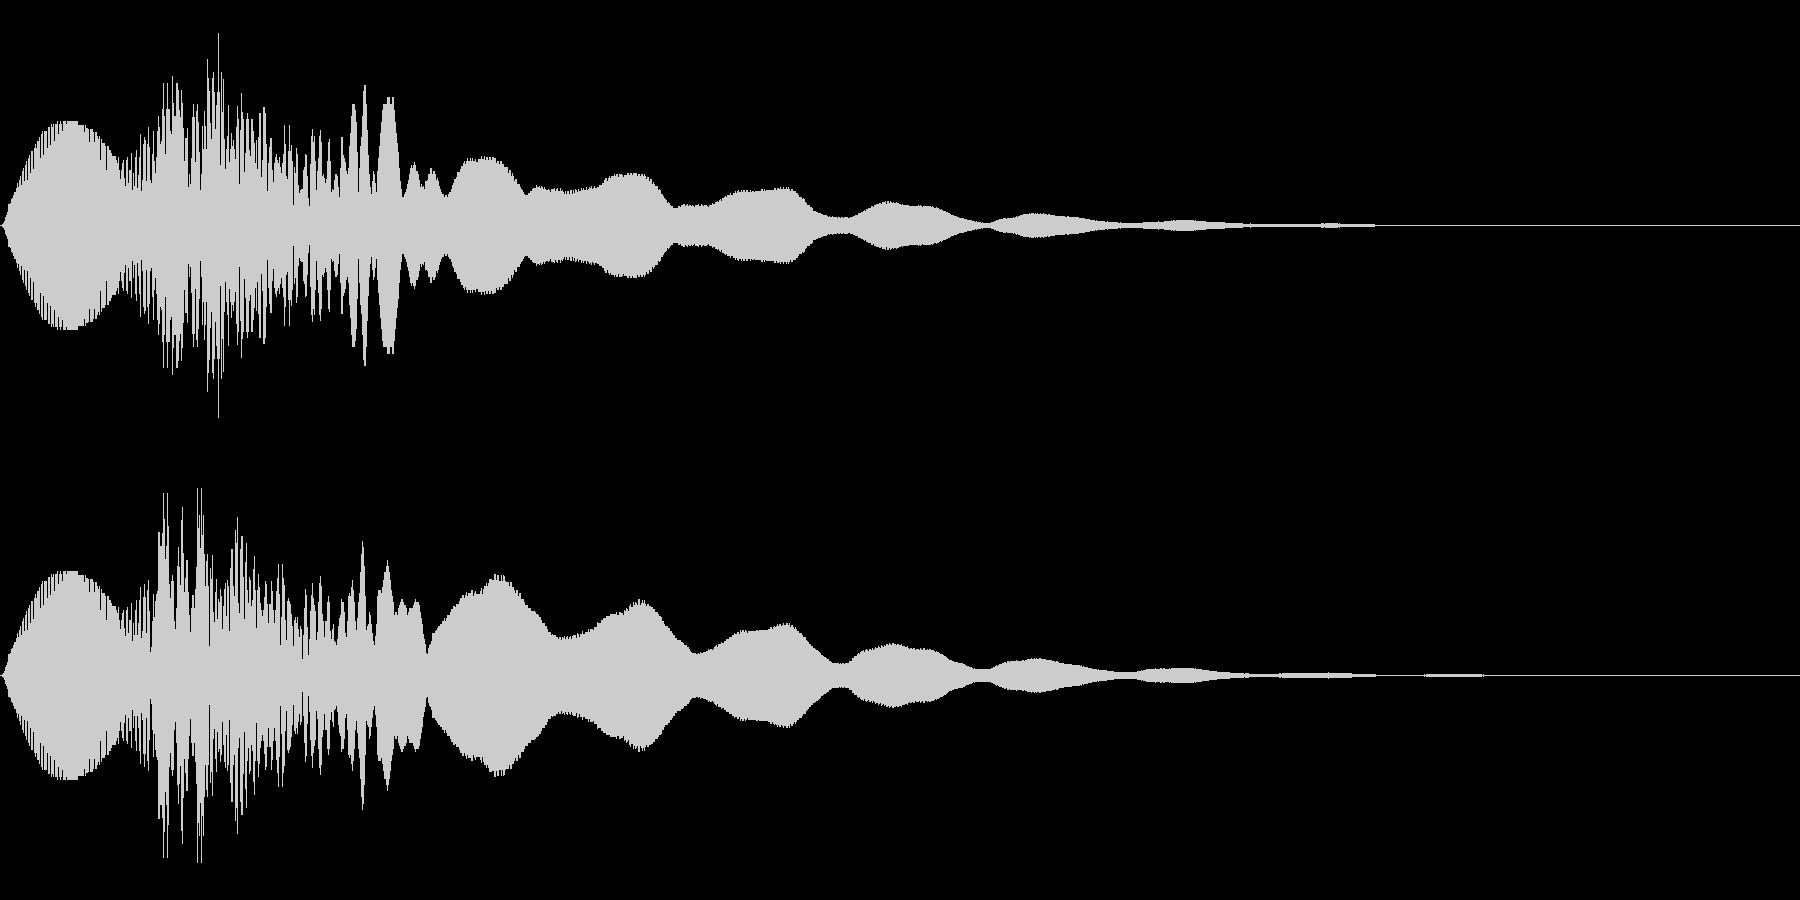 キュピーン!(輝き/閃き/きらめき)の未再生の波形